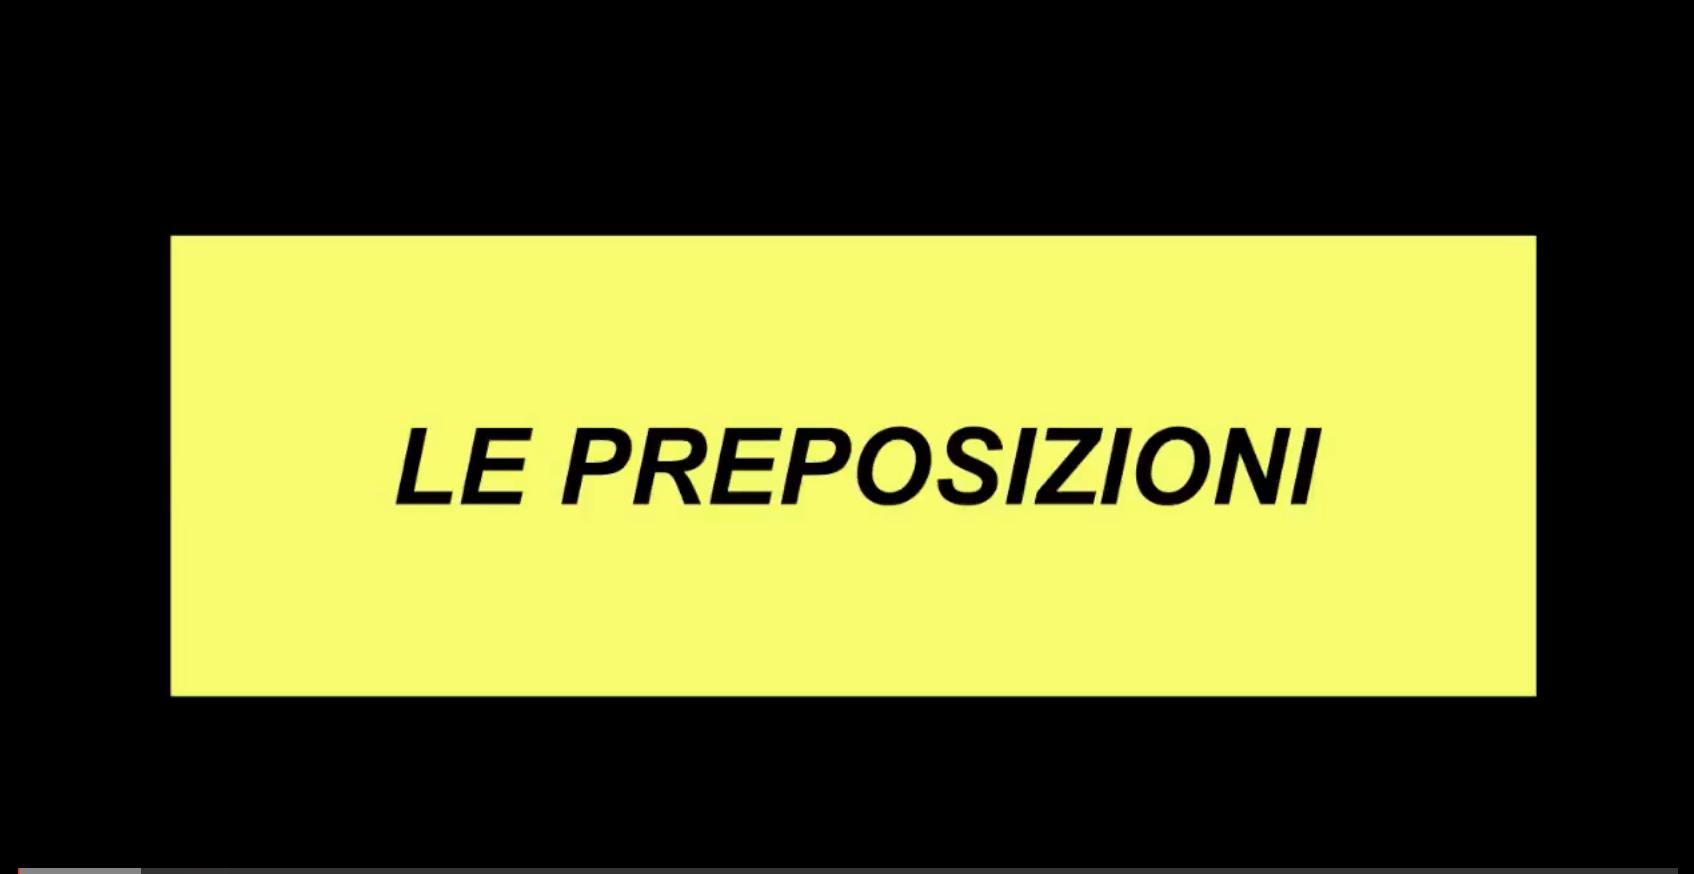 LA PRESENTAZIONE DELLA LEZIONE SULLE PREPOSIZIONI